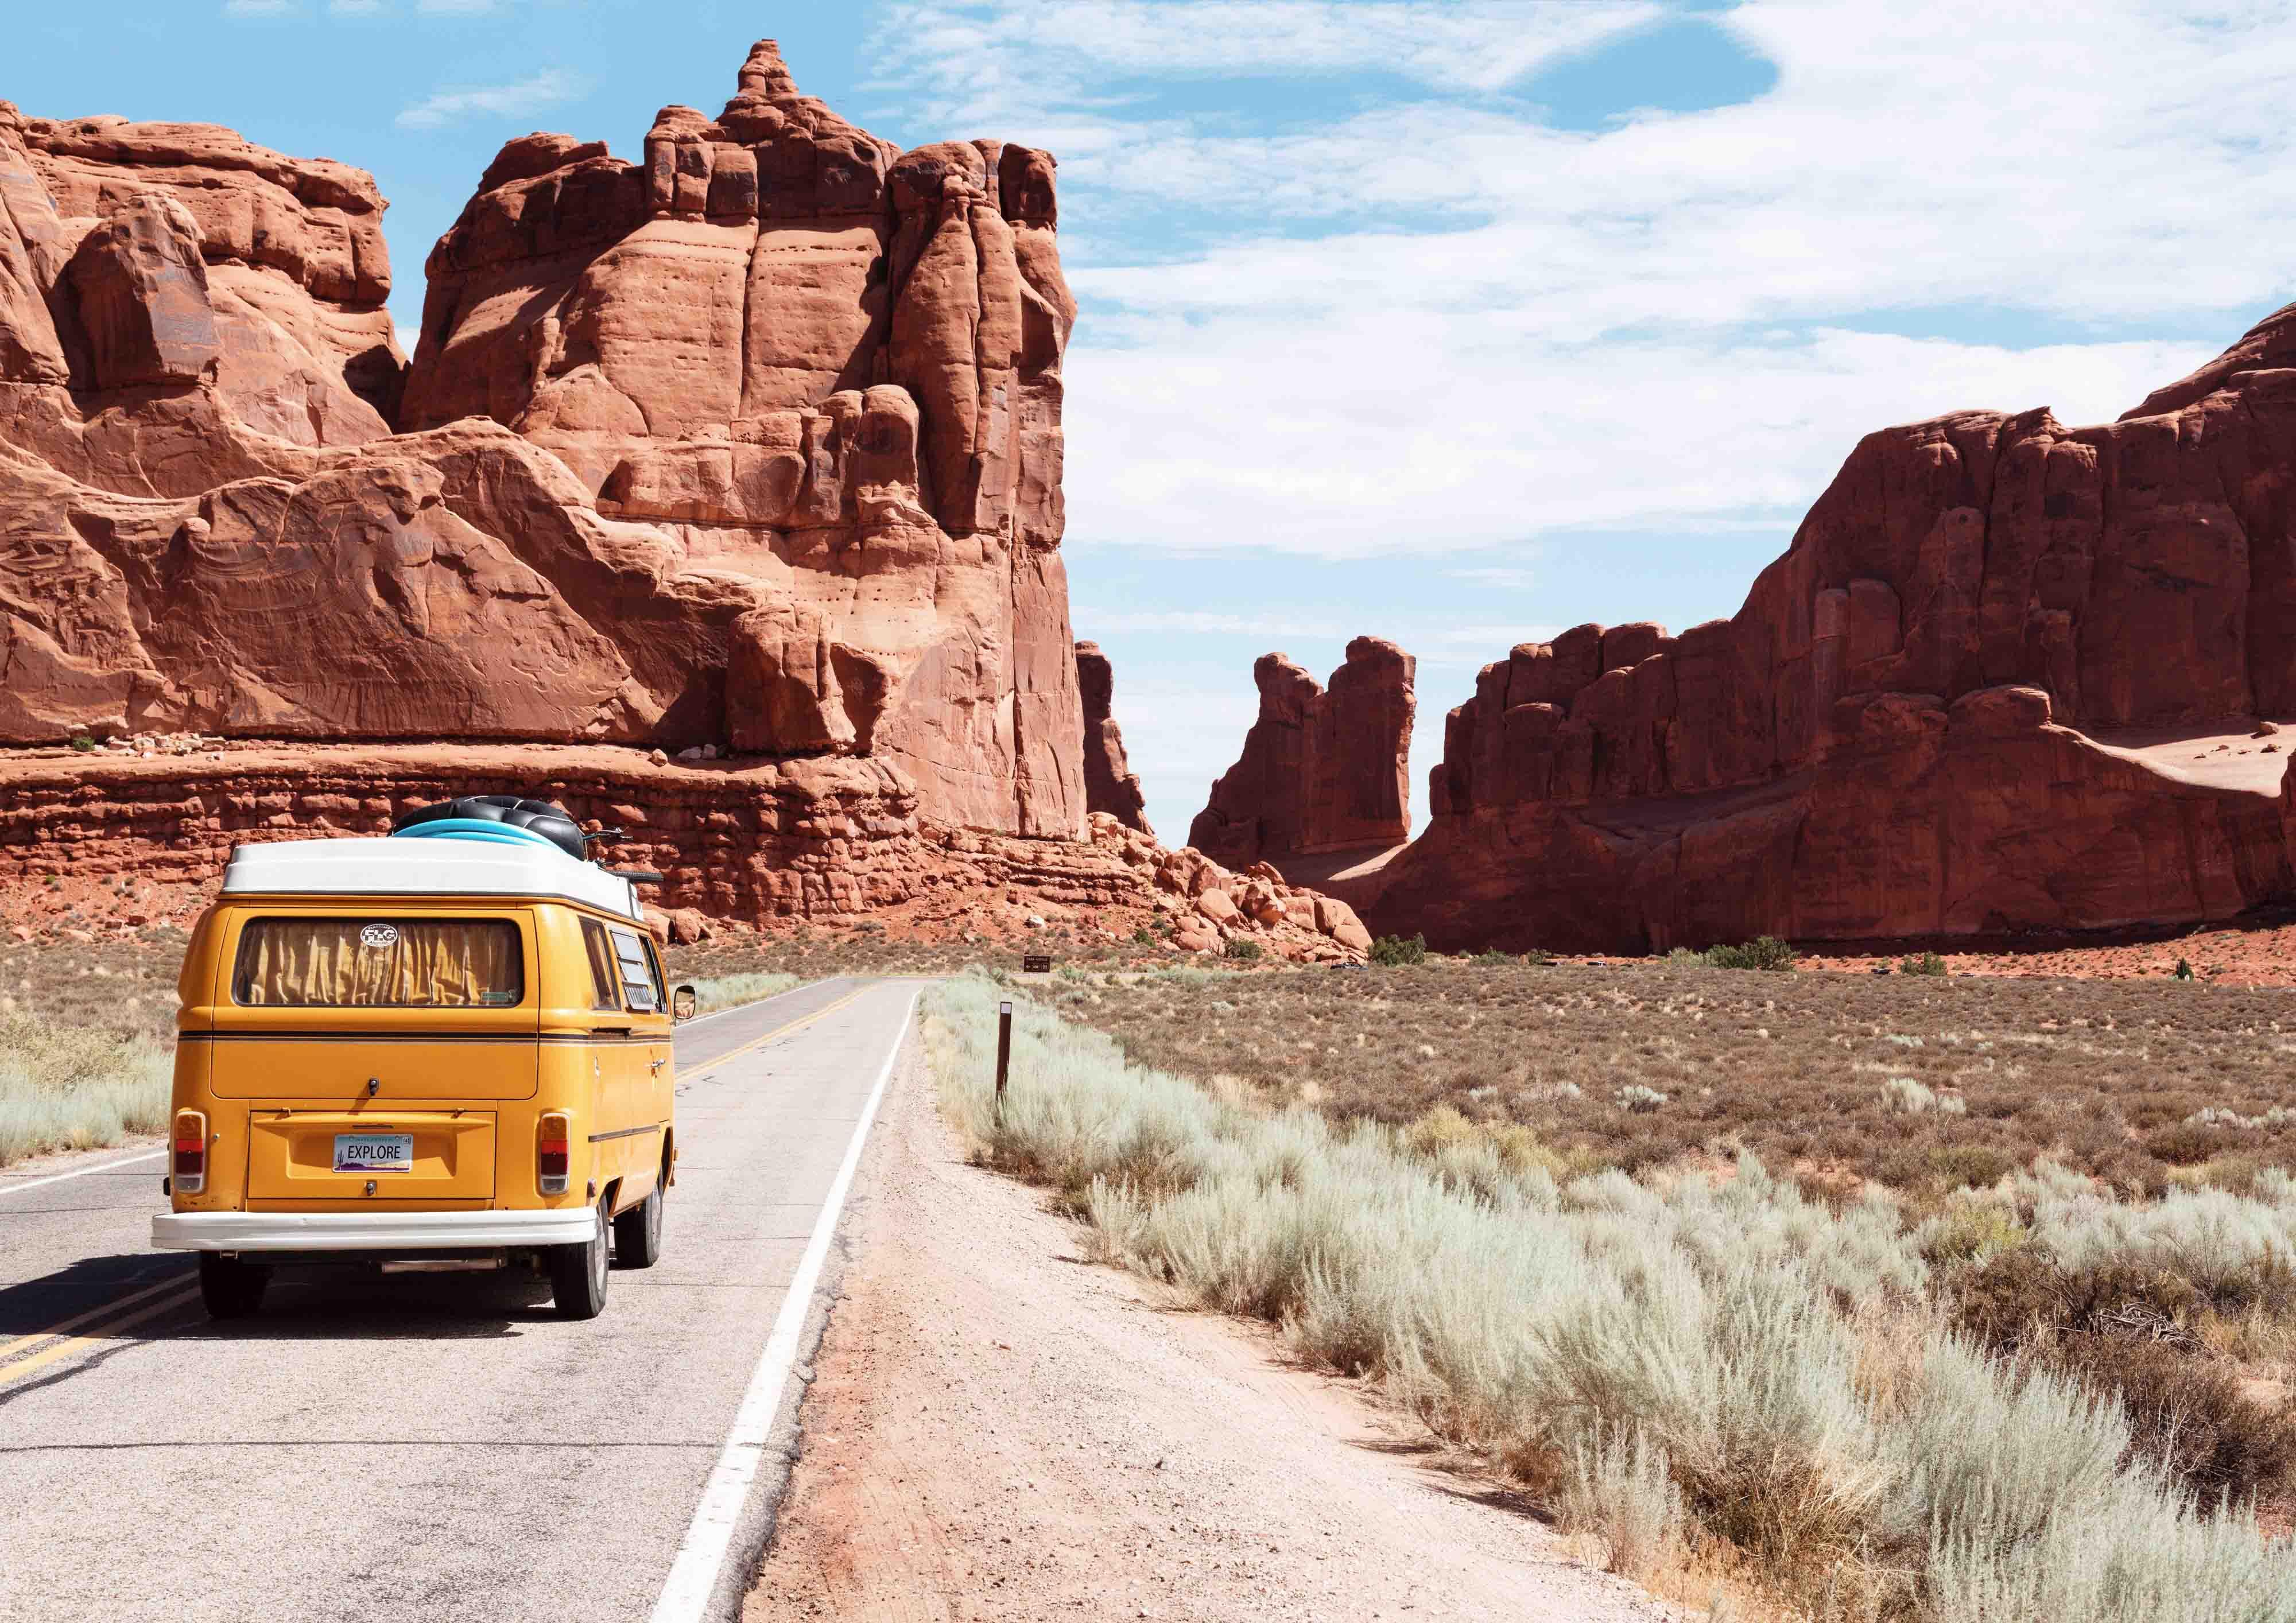 câu nói hay chiếc xe du lịch